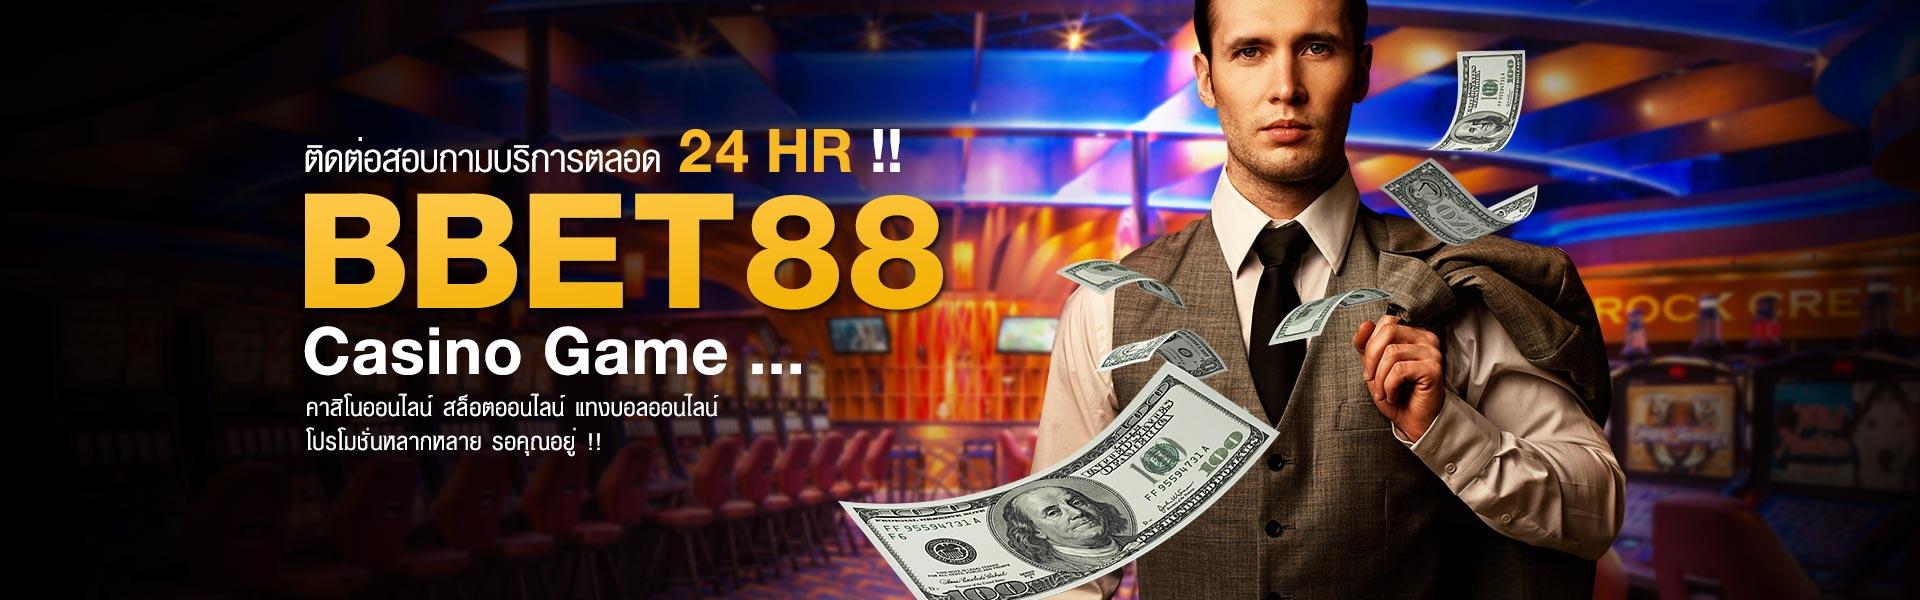 เว็บ Bbet88 คาสิโนออนไลน์ 24 ชม.